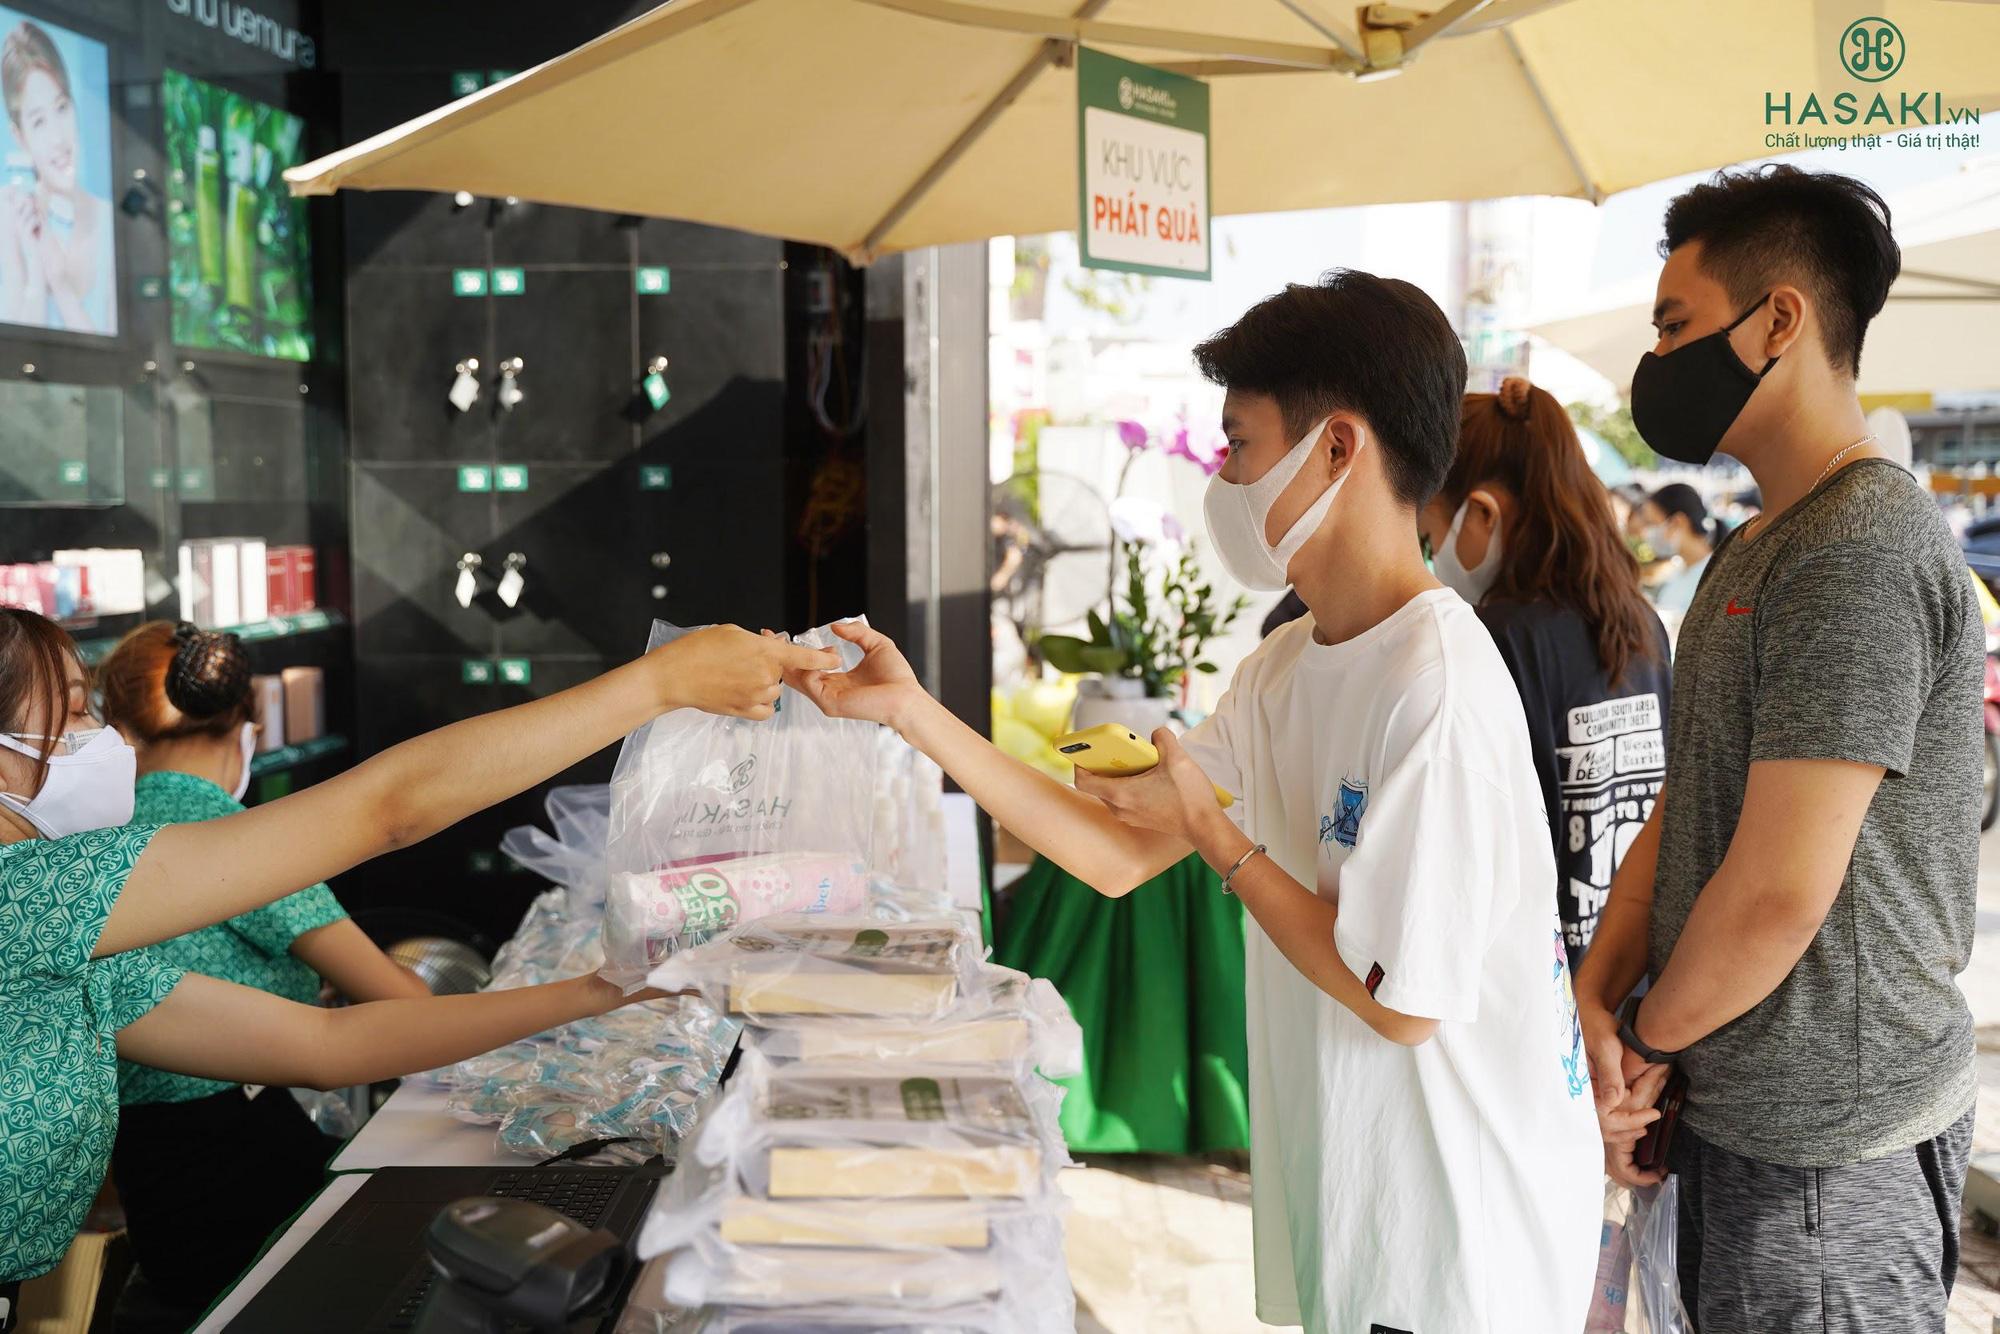 Lần đầu tiên khai trương 3 ngày, Hasaki tặng 3.000 khẩu trang, tung khuyến mãi khủng, chỉ 4.000đ đã mua được đồ chất - Ảnh 5.